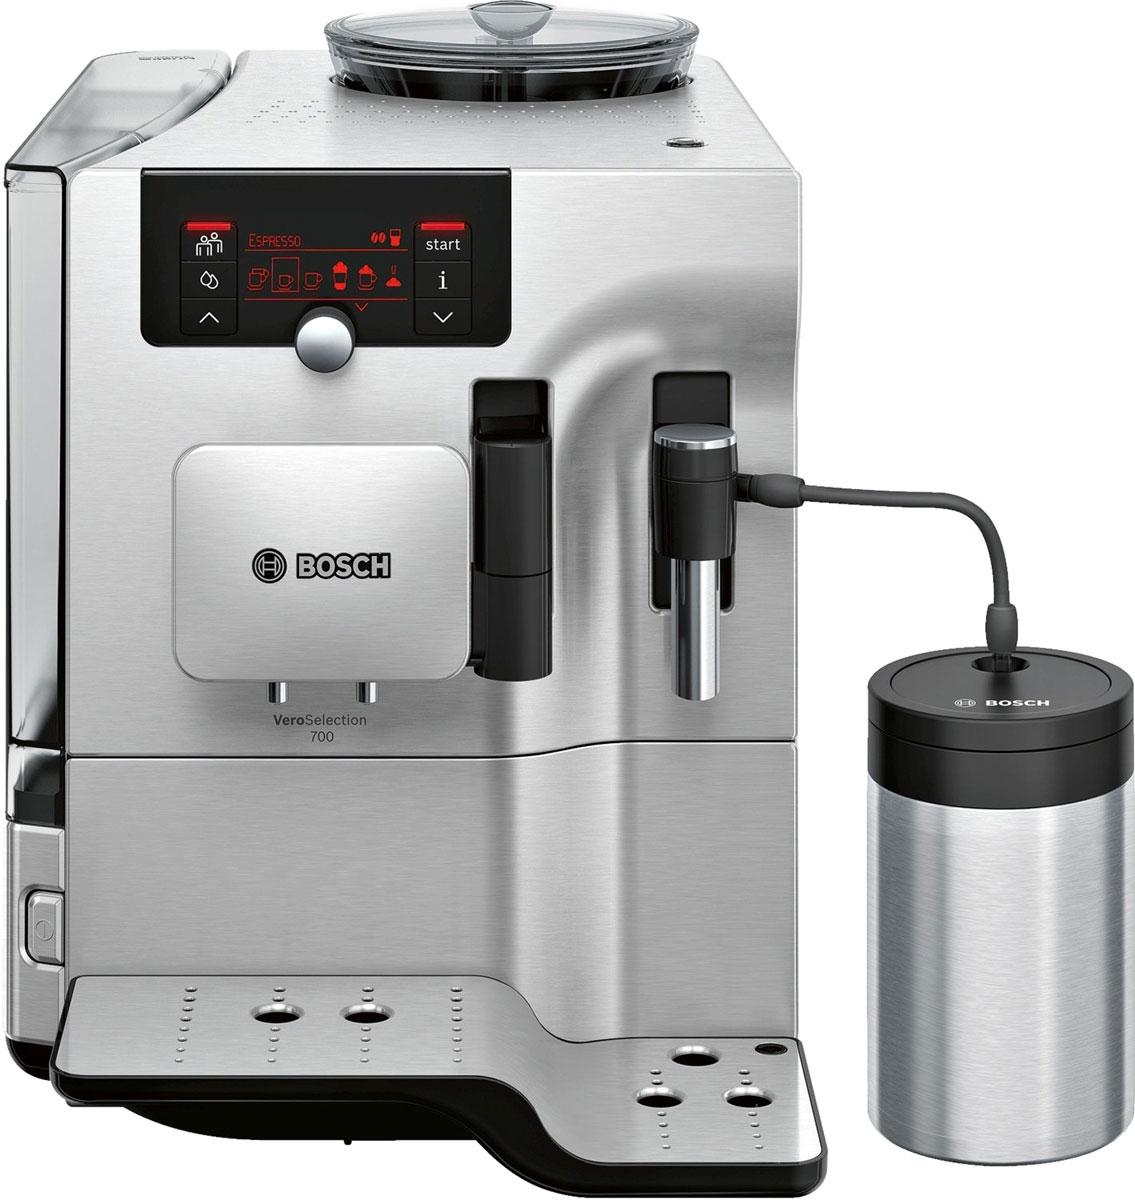 Bosch TES80721RW кофемашинаTES80721RWКофемашина Bosch TES80721RW создана для тех, кто любит наслаждаться кофейными напитками как можно дольше. Bosch предлагает специальную функции очистки кофемашины от накипи и масел. Просто активируйте функцию CalcnClean, используя специальные средства по уходу и чистке кофемашин.CreamCleaner - программа, позволяющая быстро и удобно очистить капучинатор от остатков молока. Достаточно нажать на кнопку и процесс очистки начнется автоматически.В автоматическом капучинаторе происходит смешивание горячего пара, подающегося под высоким давлением, и молока, поступающего по трубке из отдельной ёмкости. В результате чего получается молочная пенка.Большой выбор напитков и комфорт при приготовлении. Функция OneTouch для приготовления кофейных напитков одним нажатием кнопки и PersonalCoffee Pro для сохранения индивидуальных настроек.